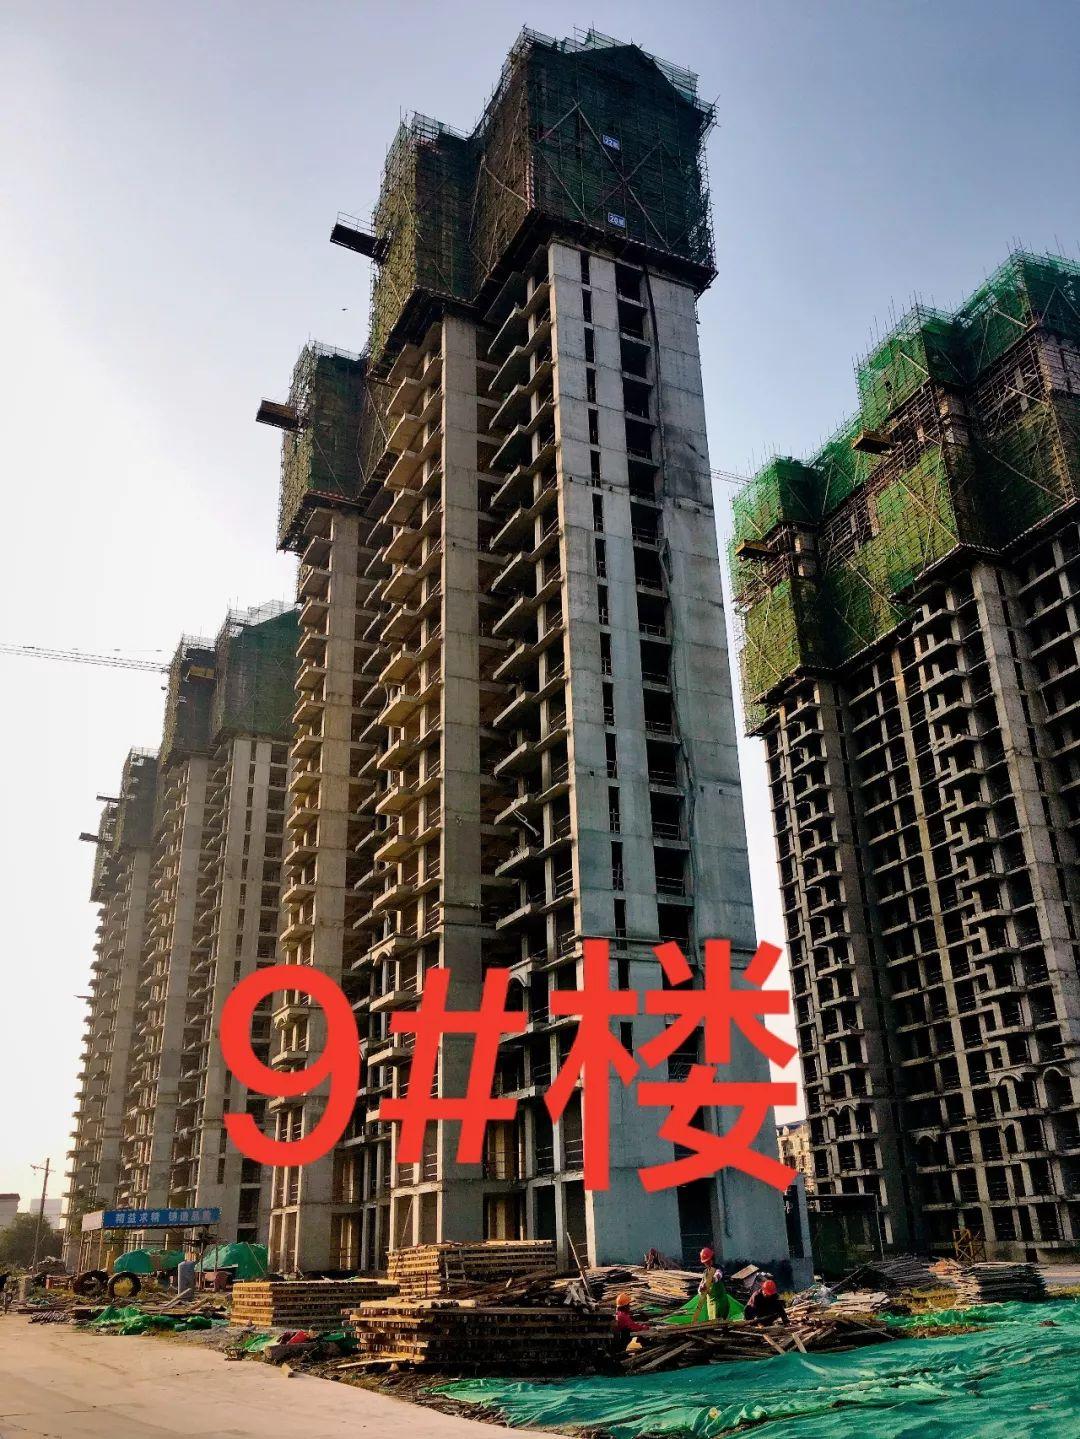 郑州电影小镇图片